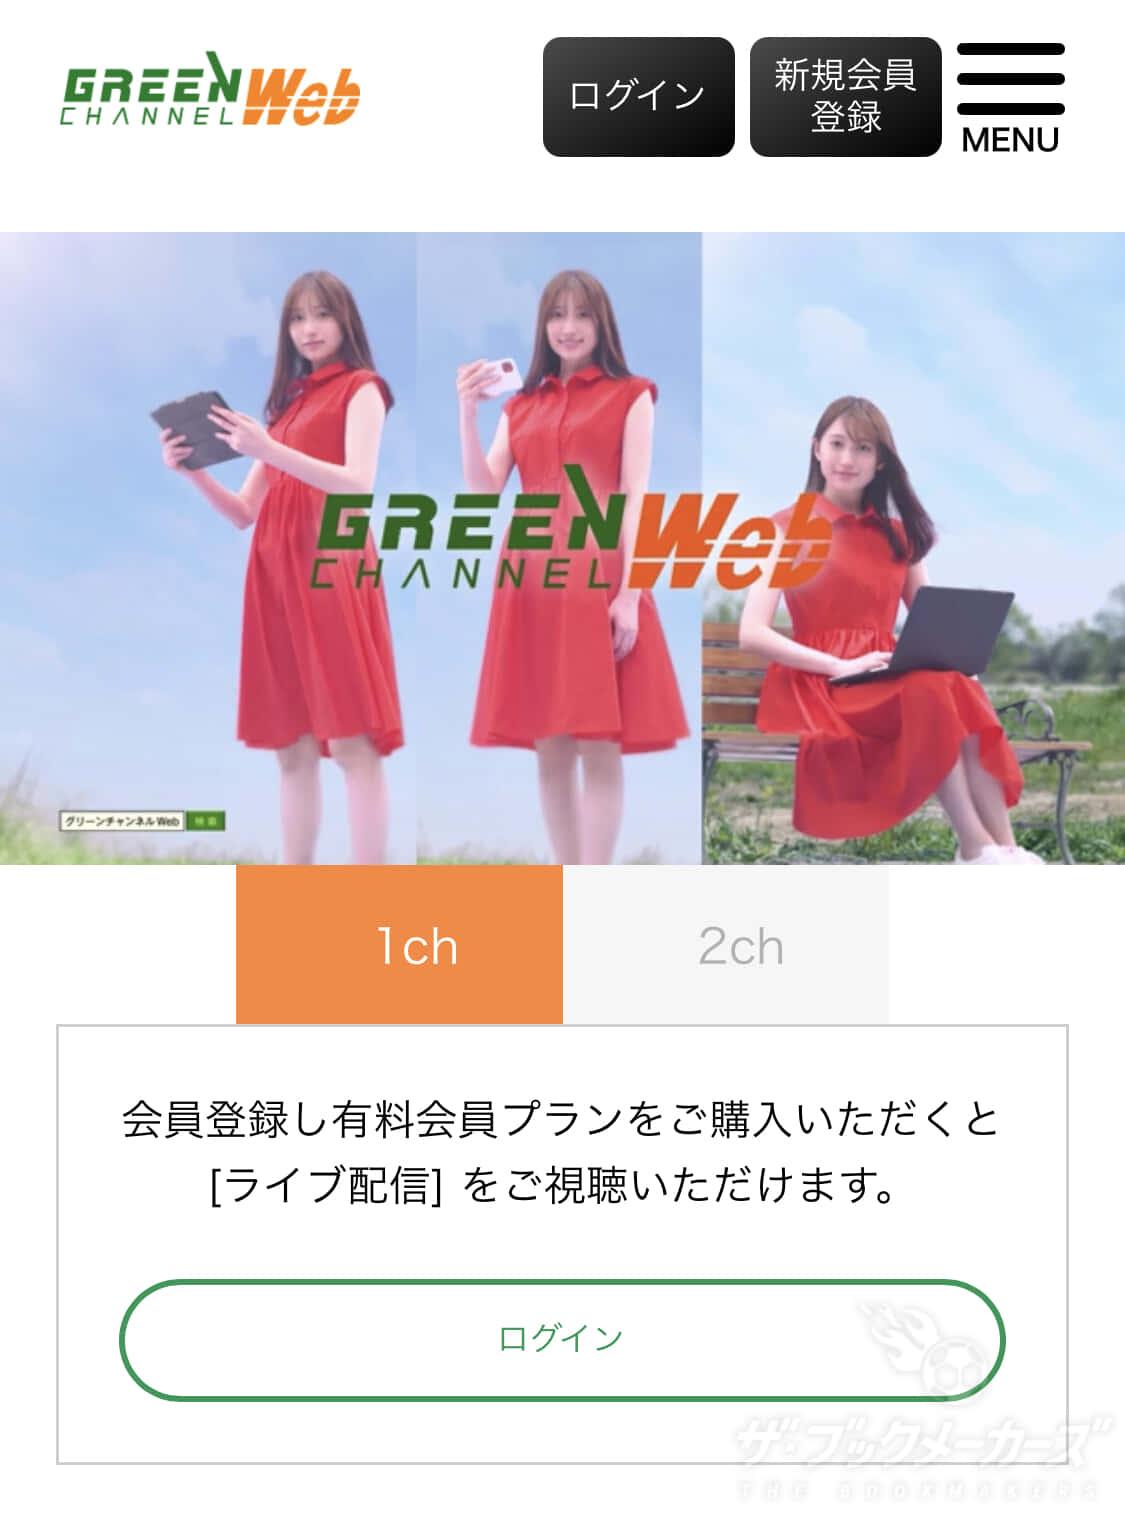 グリーンチャンネルウェブ